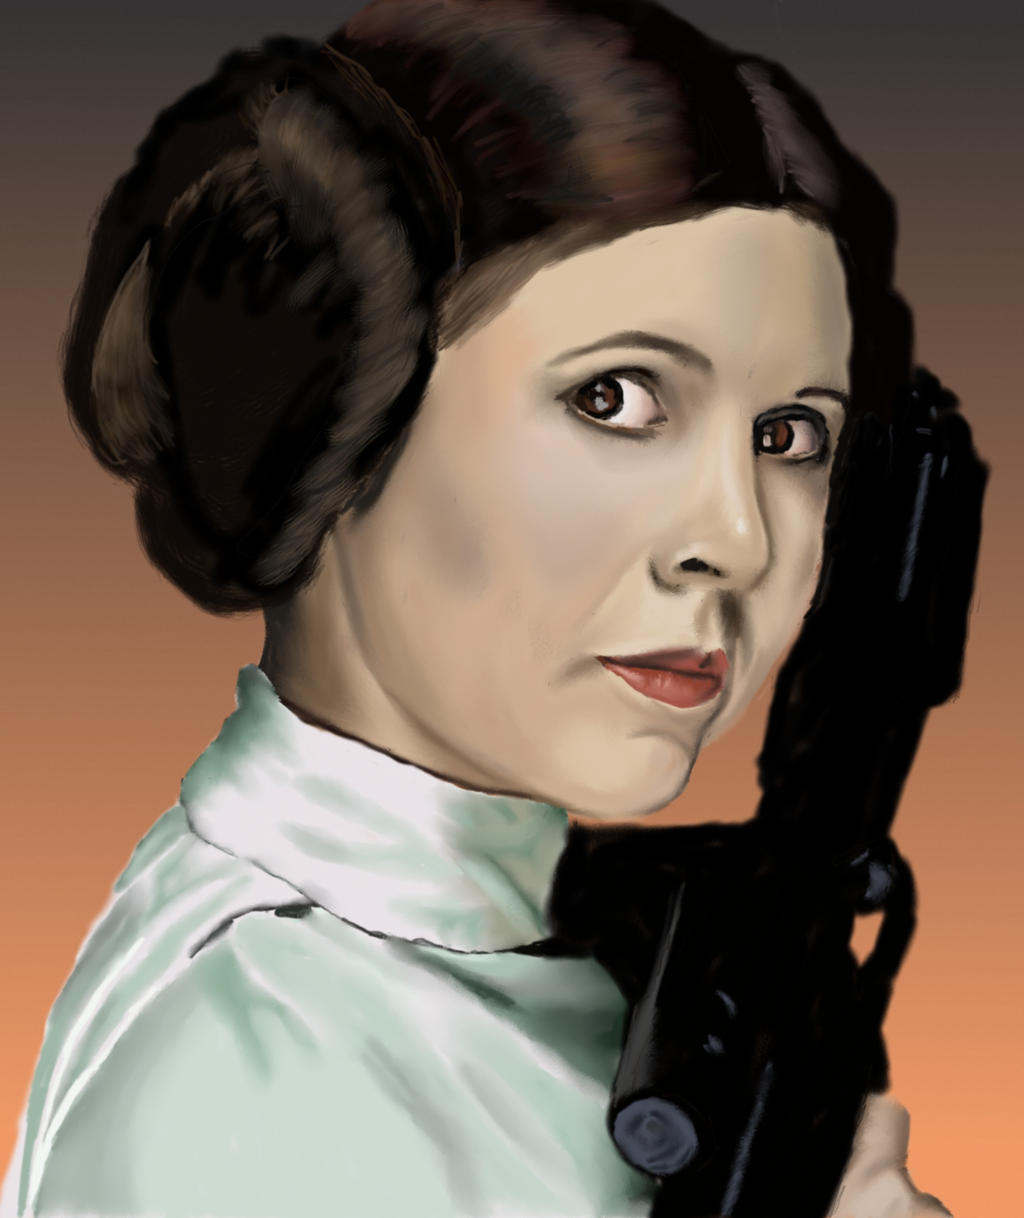 Princess Leia by VooDooDad